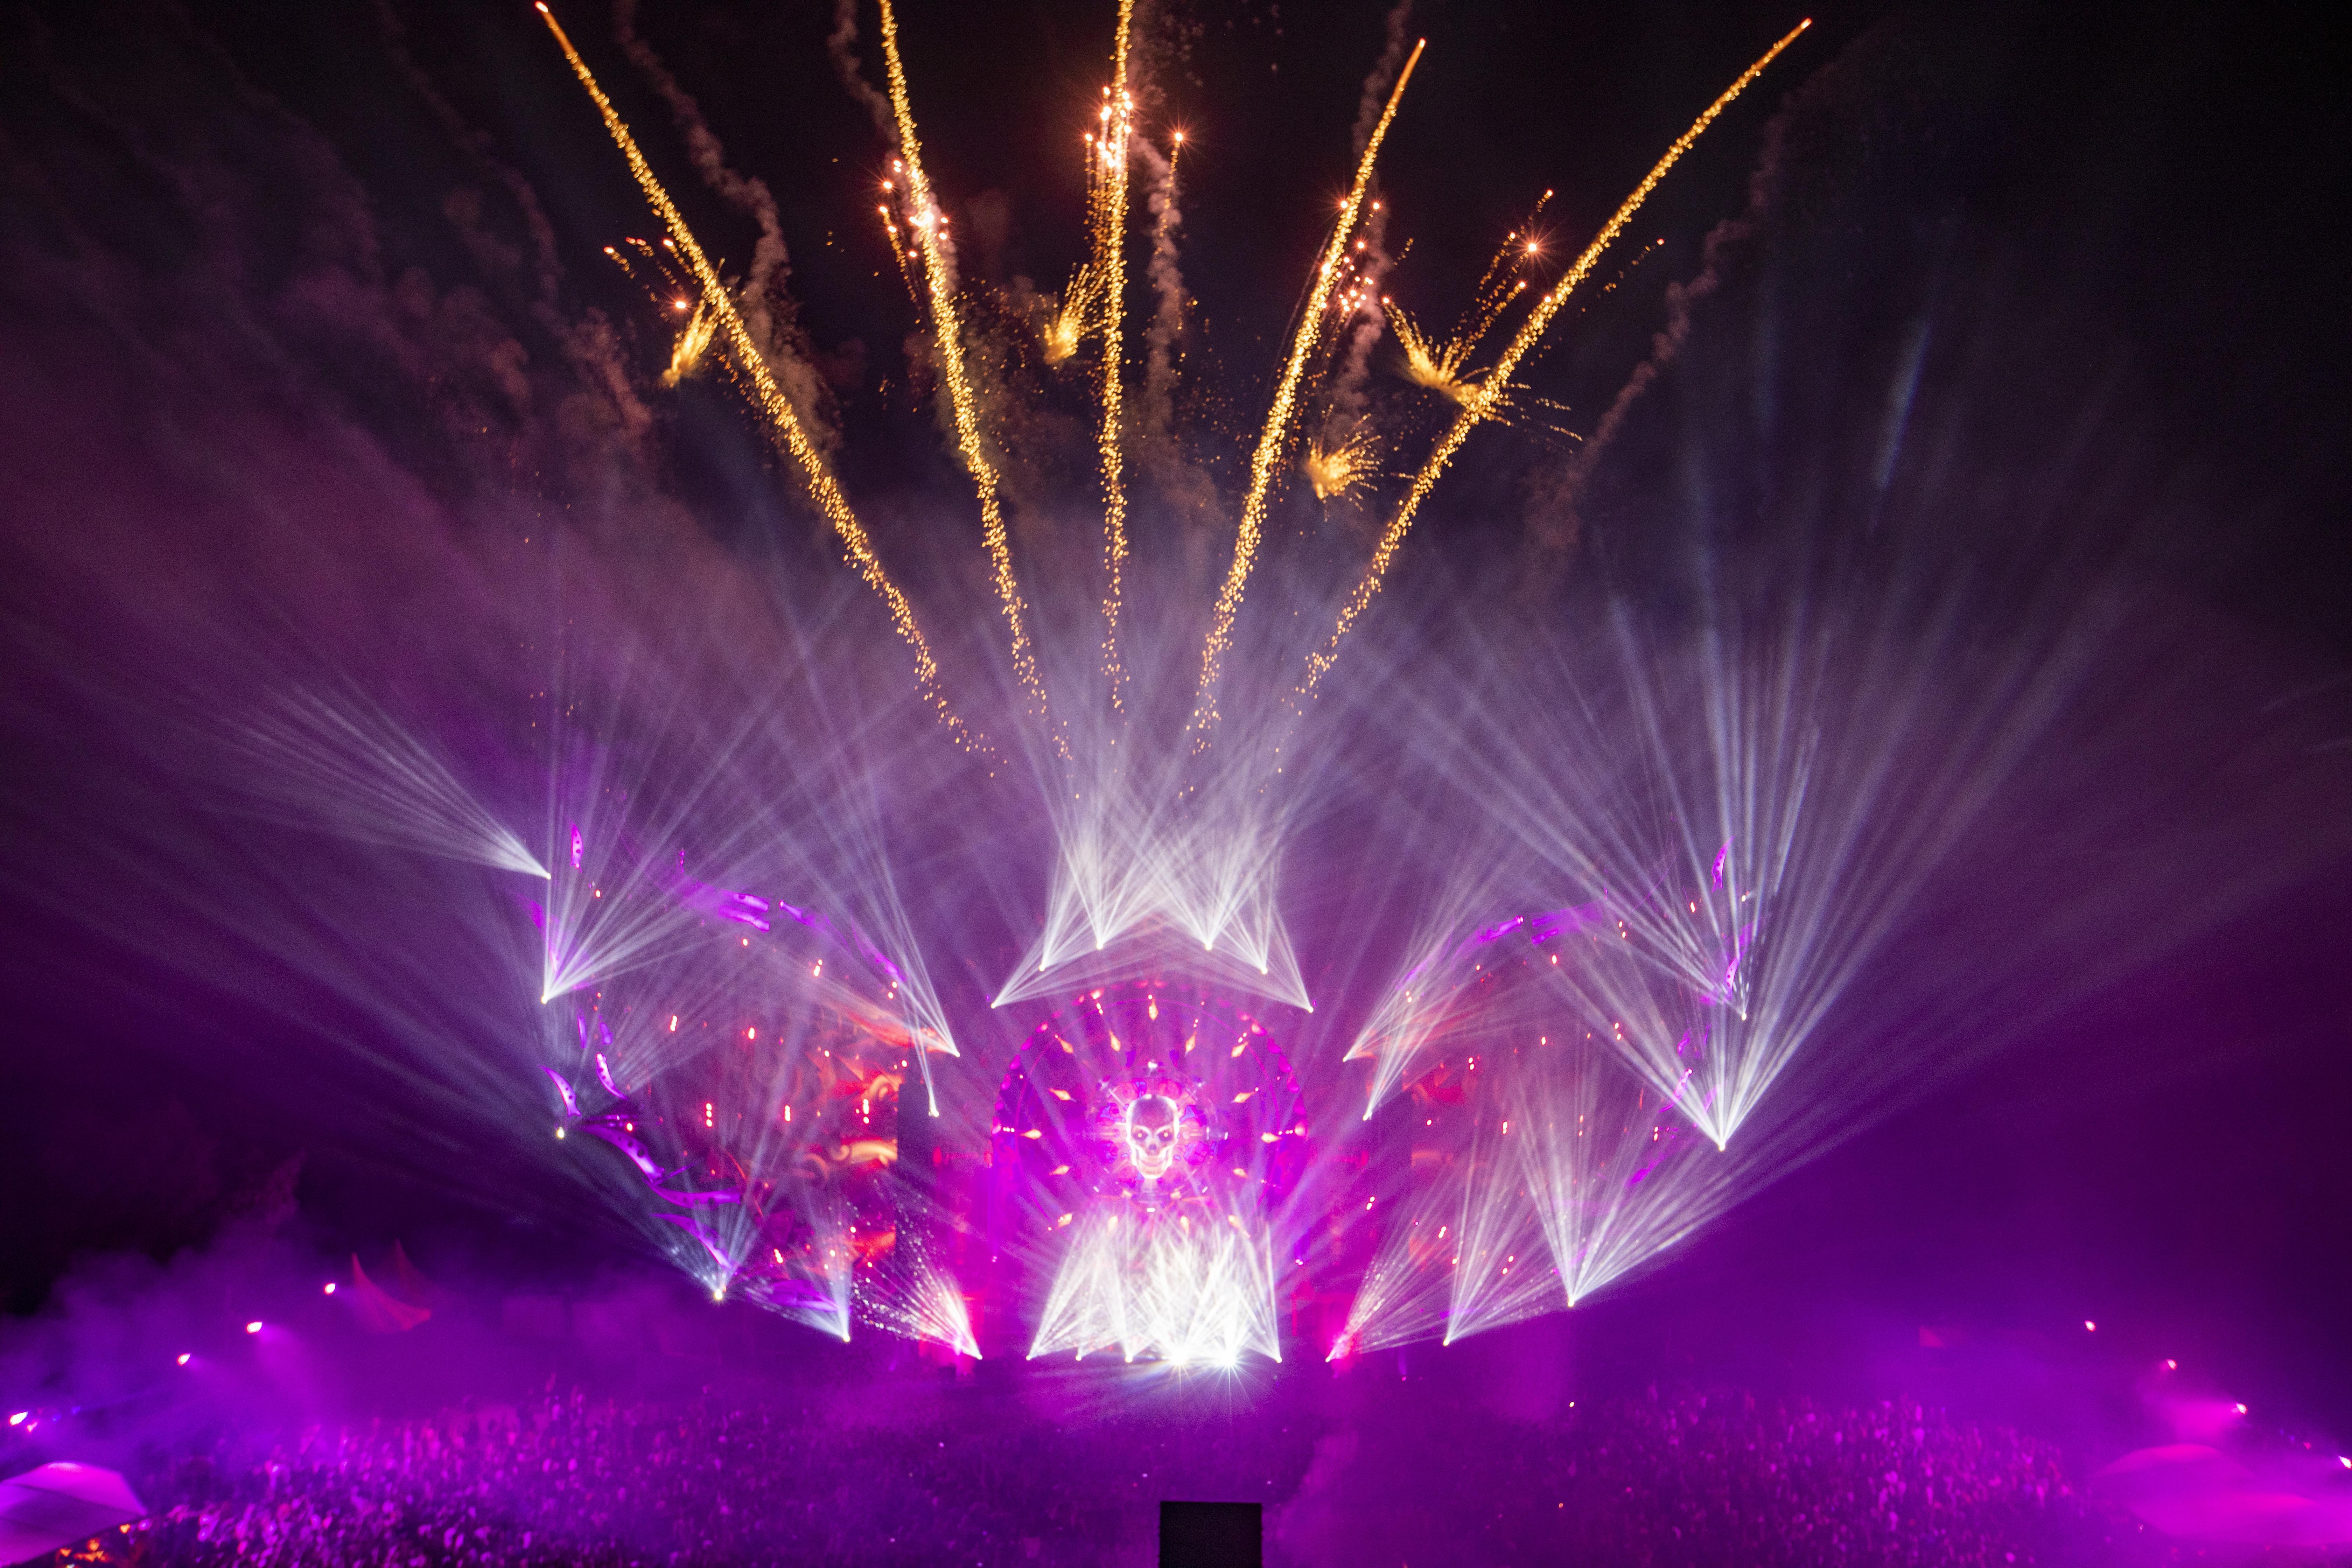 Nog meer klappen in de muziekbranche: flinke reorganisatie bij festivalorganisator ID&T